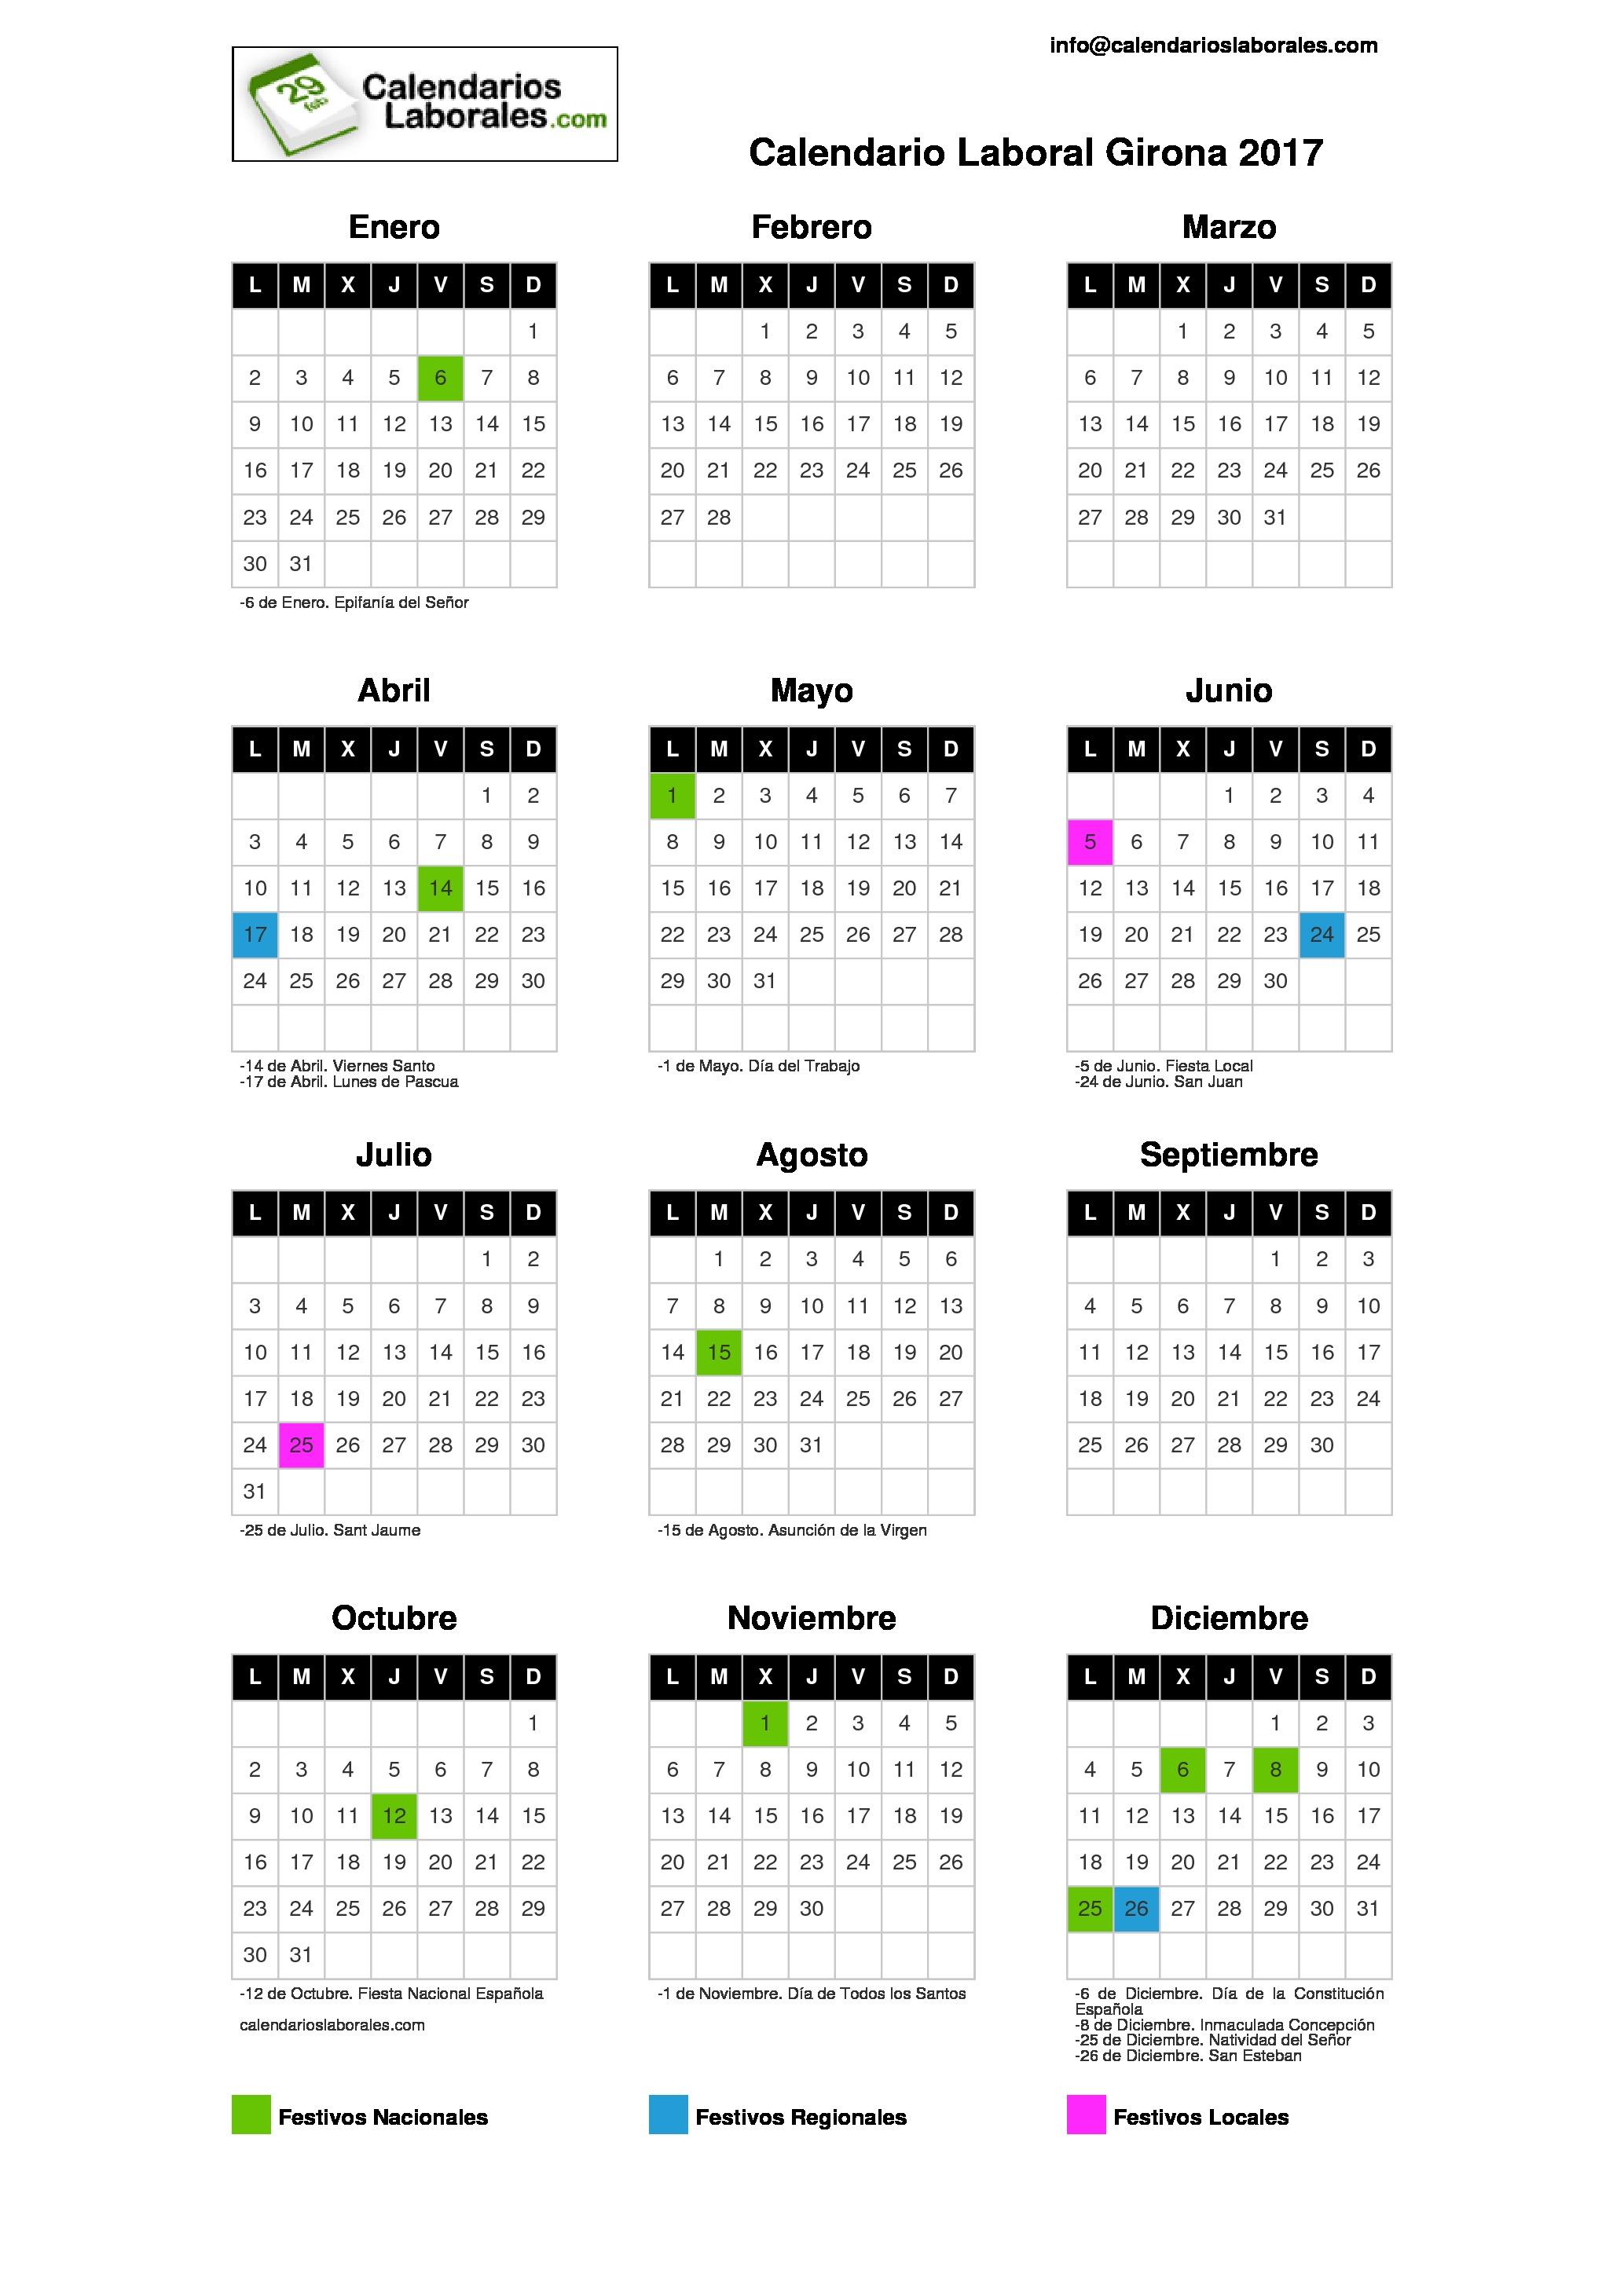 Calendario laboral girona 2017 for Festivos alicante 2017